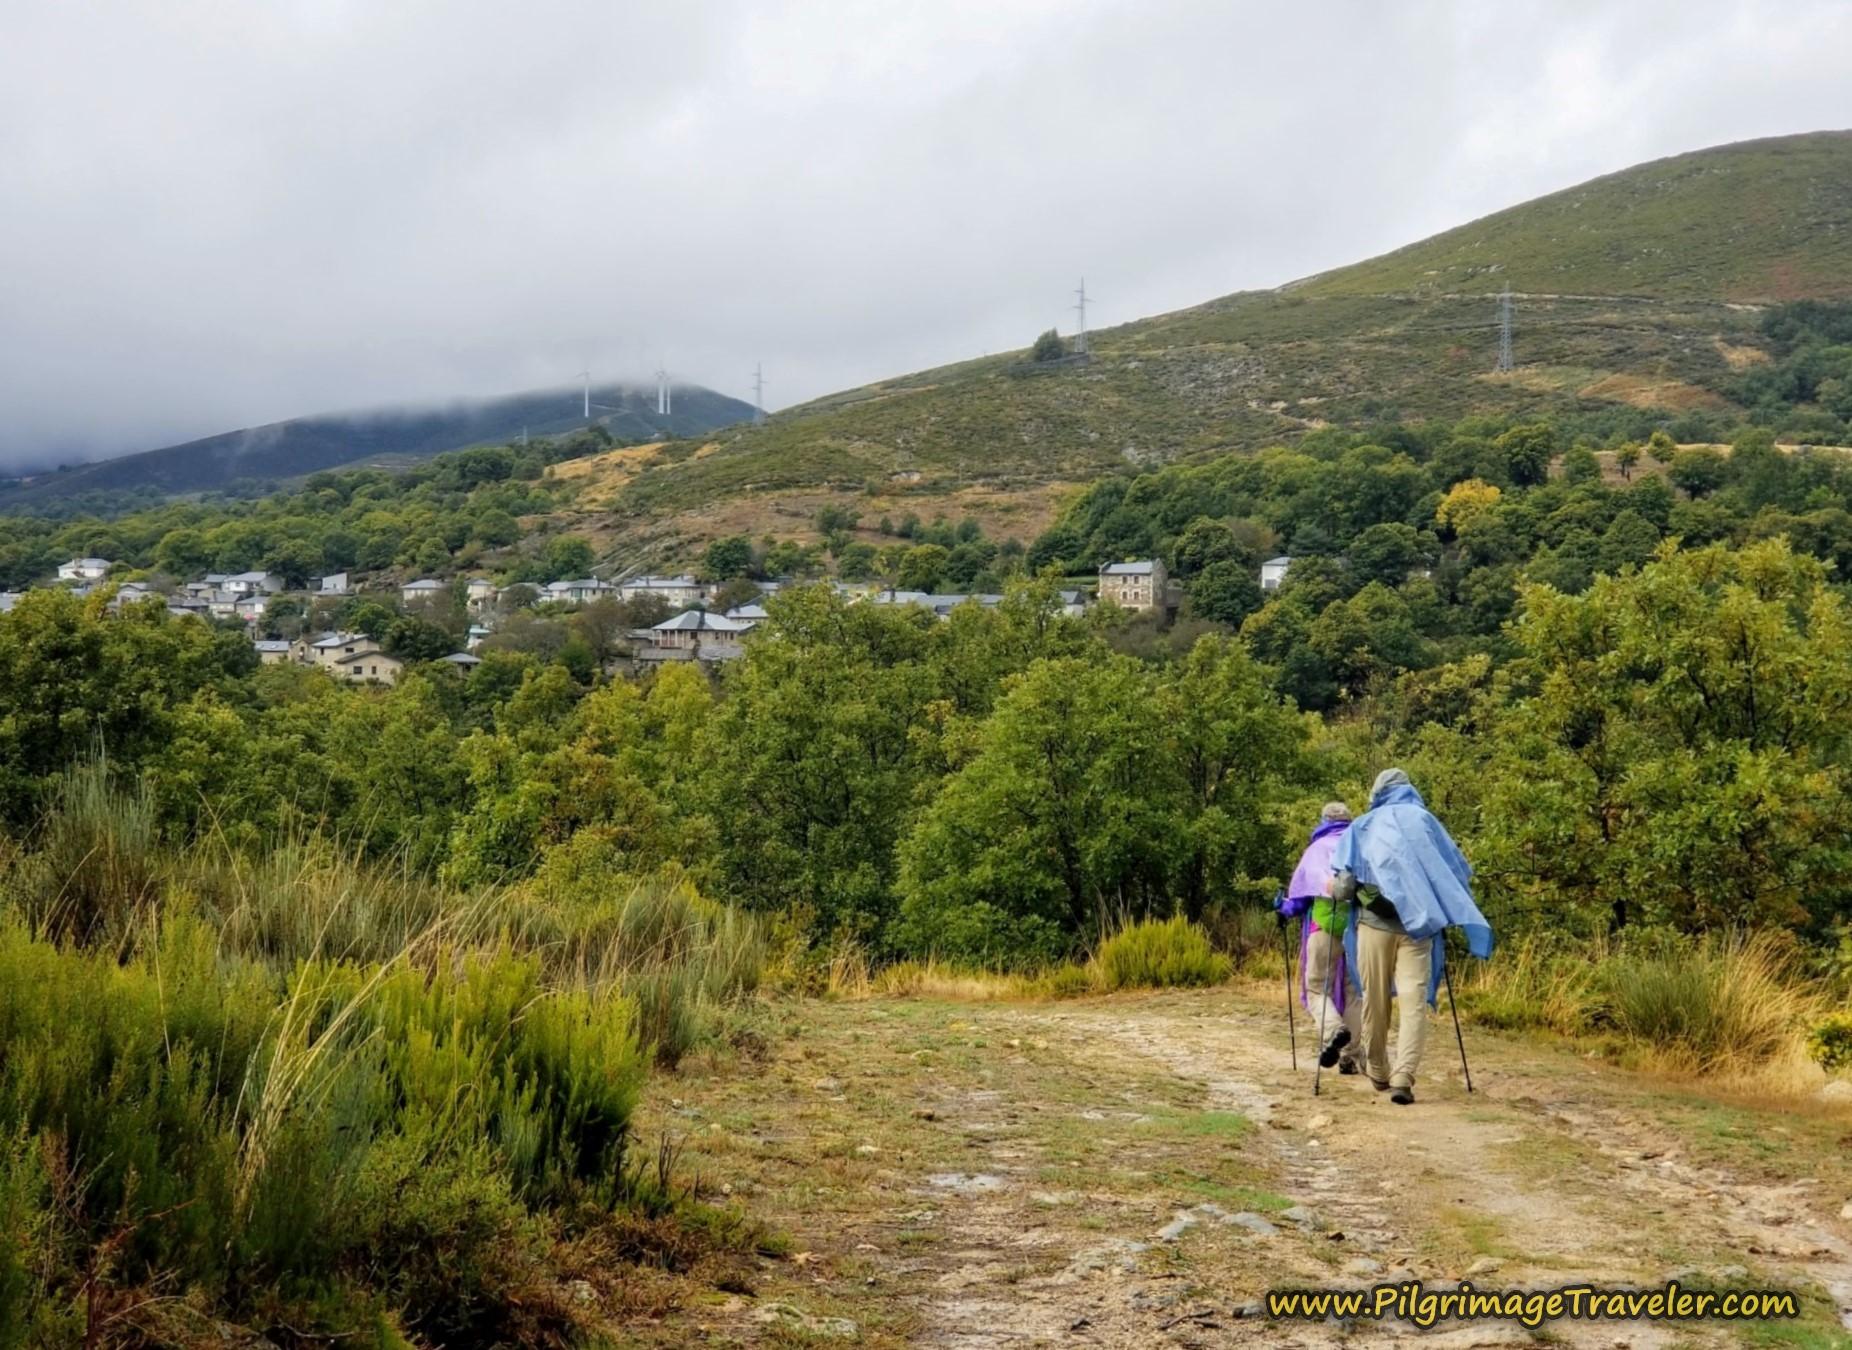 Lubián at Last on the Camino Sanabrés from Puebla de Sanabria to Lubián